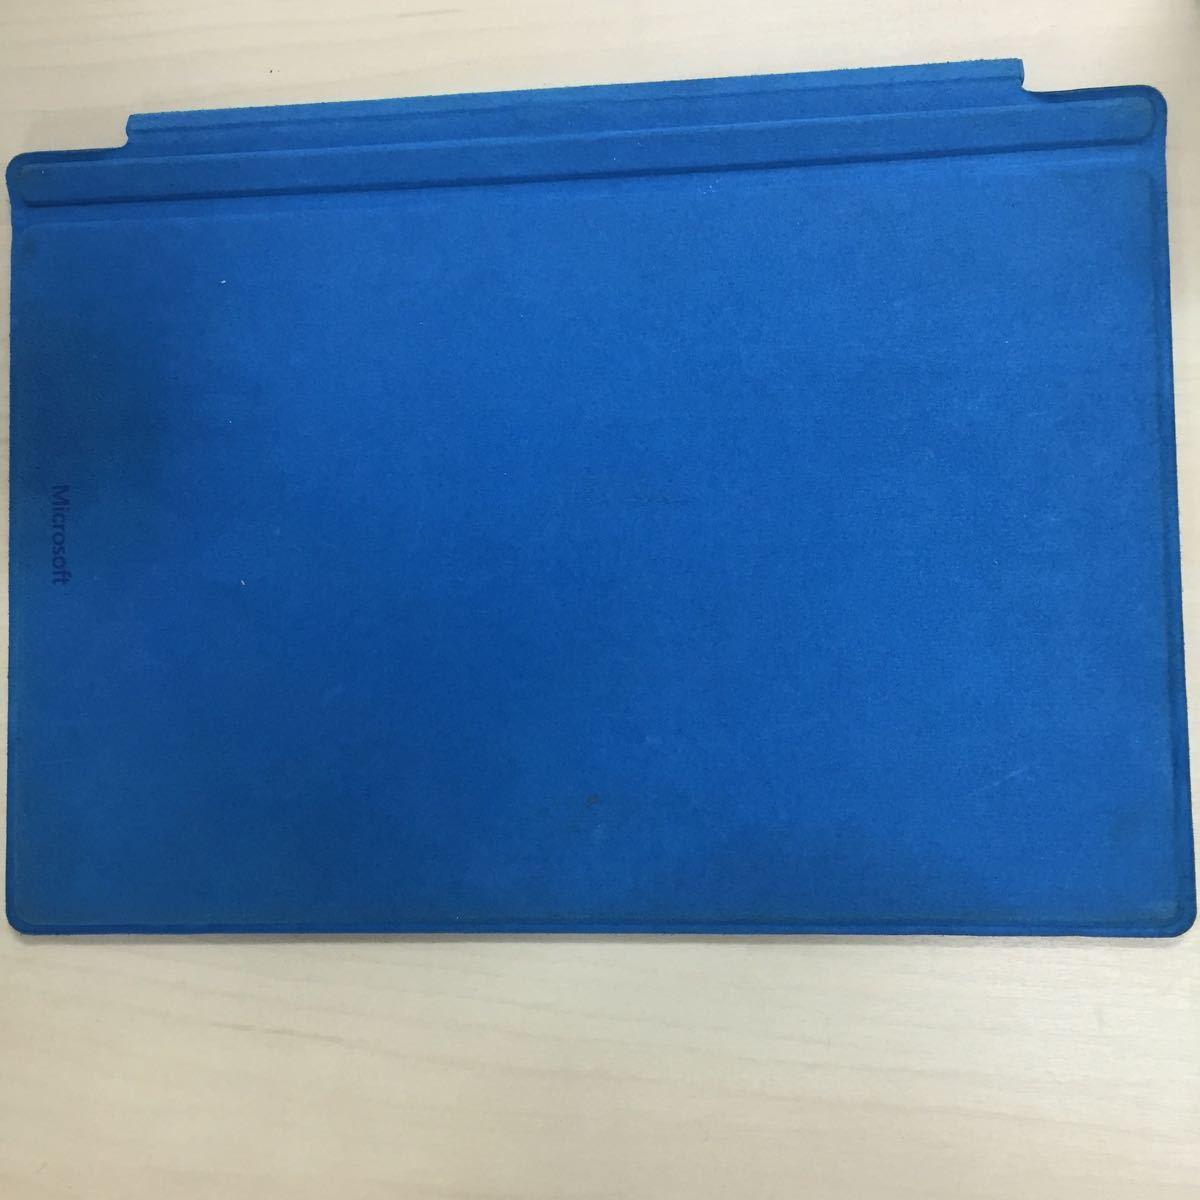 x006 surface pro4 キーボード タイプカバー Q7C-00071_画像2